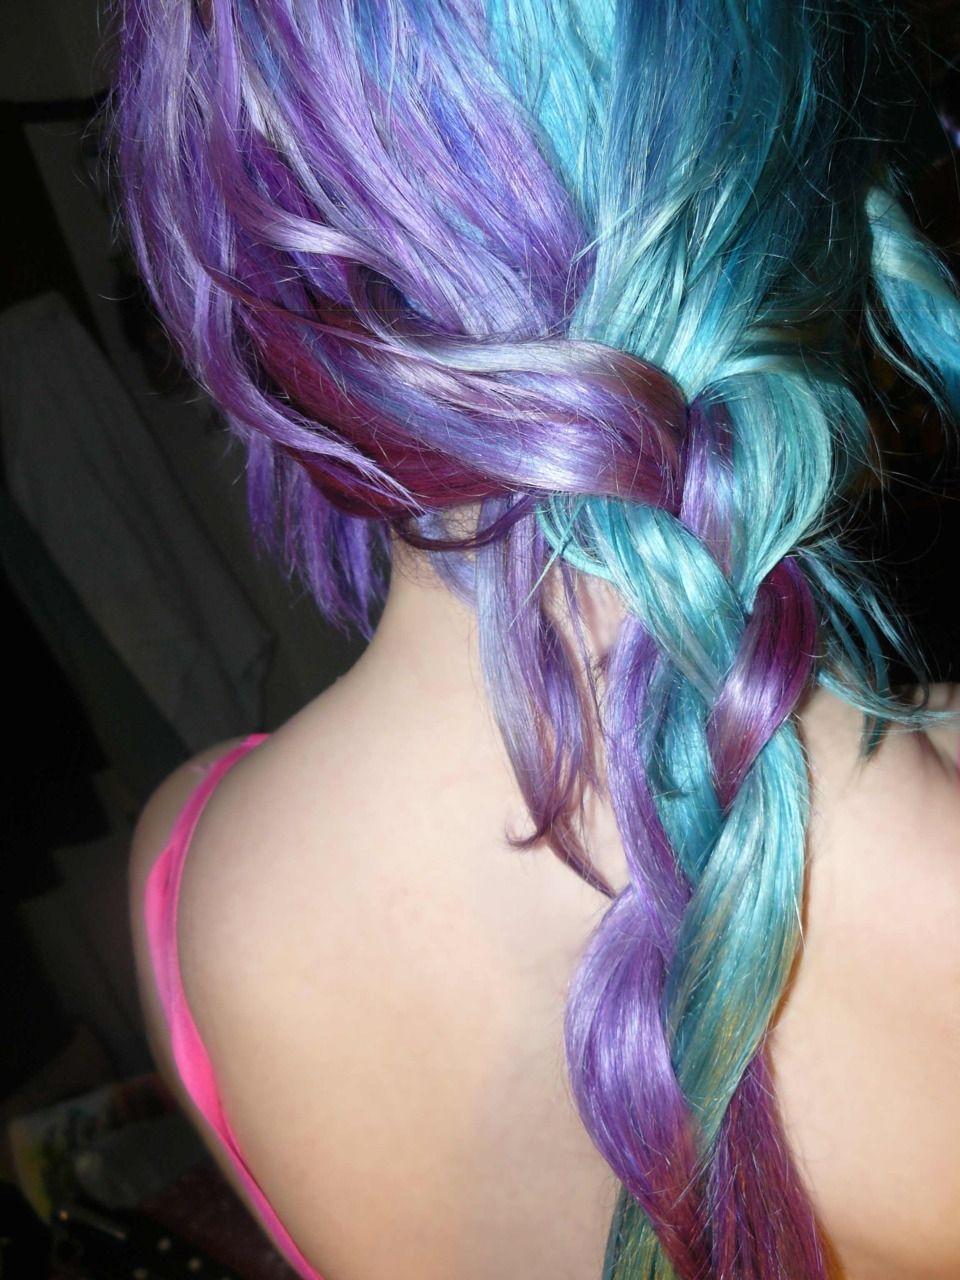 Порно с девушками необычных цветов волос 11